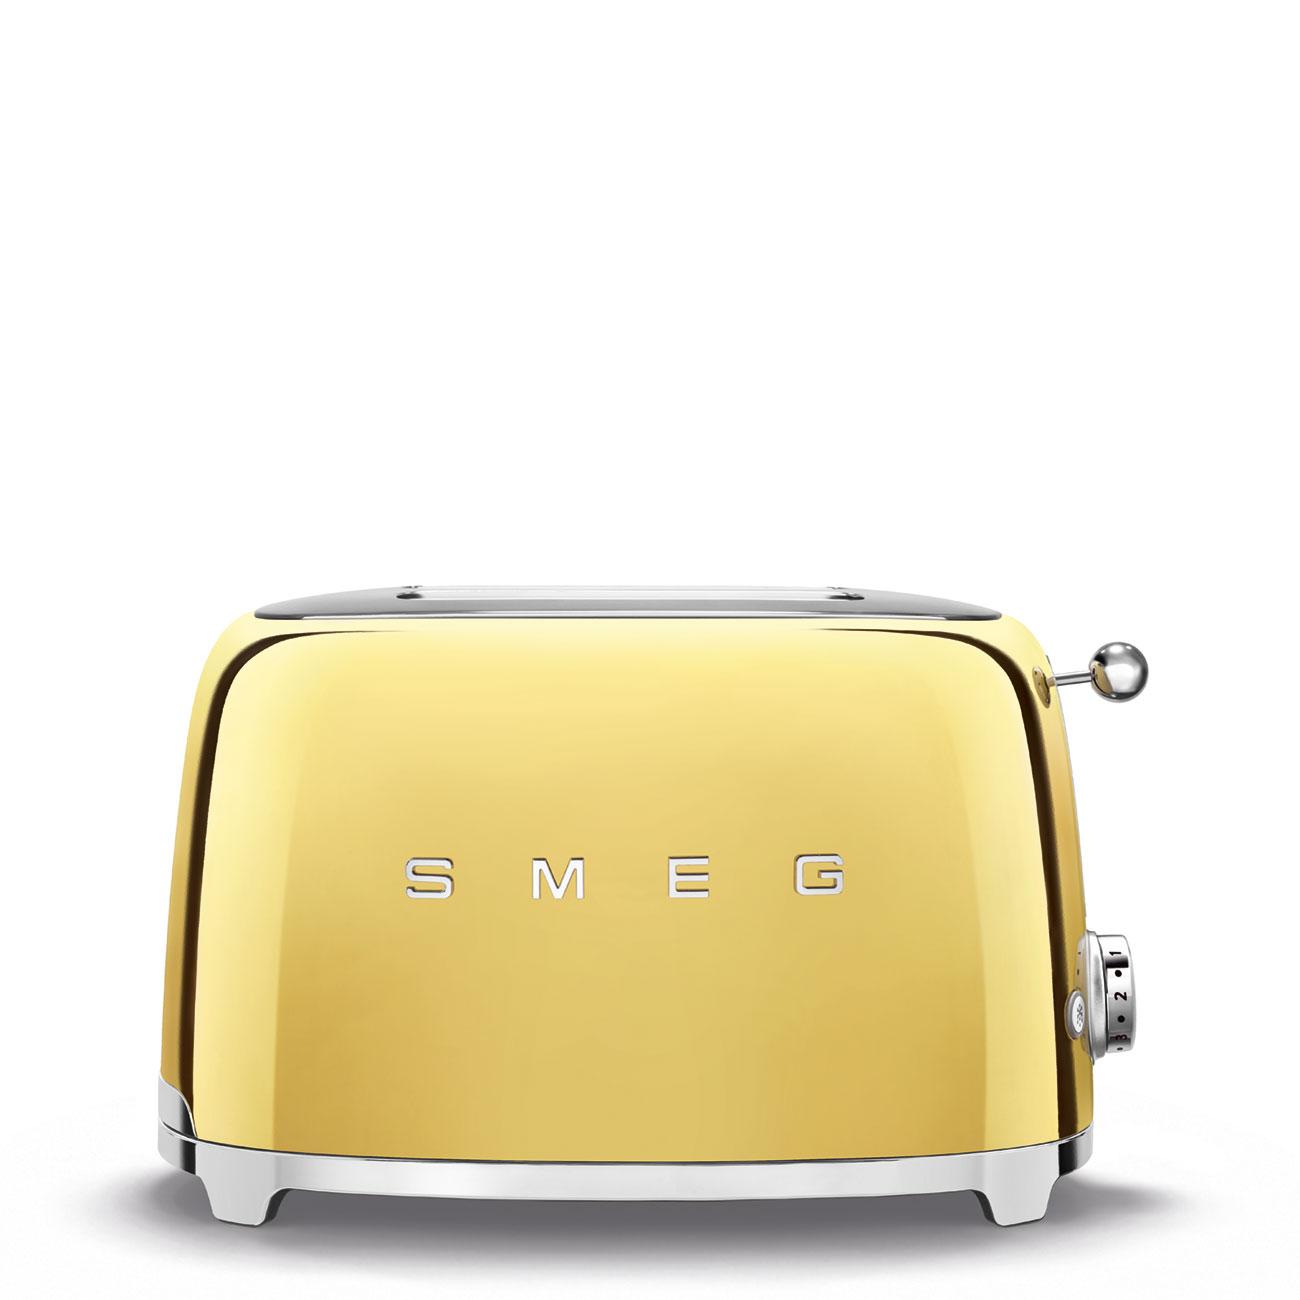 toasters or Smeg